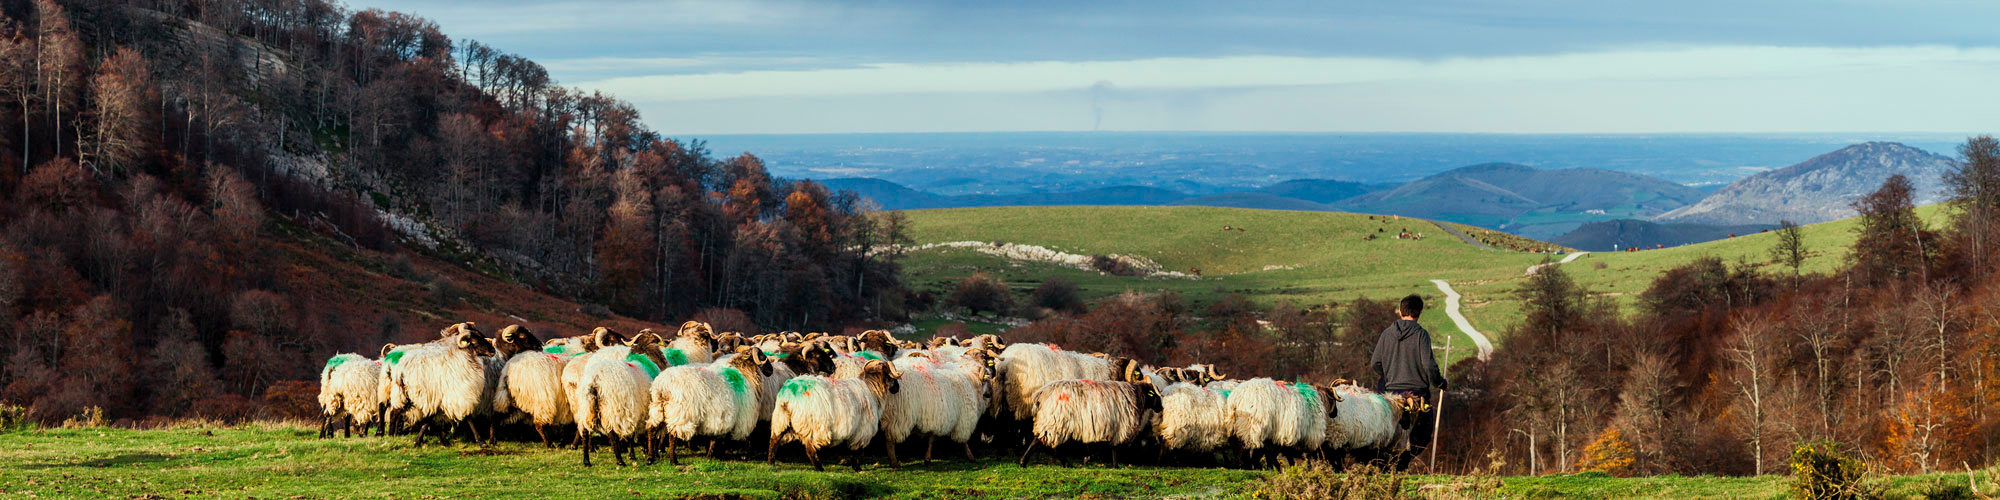 Pastor conduce un rebaño de ovejas por los pastos entre las montañas